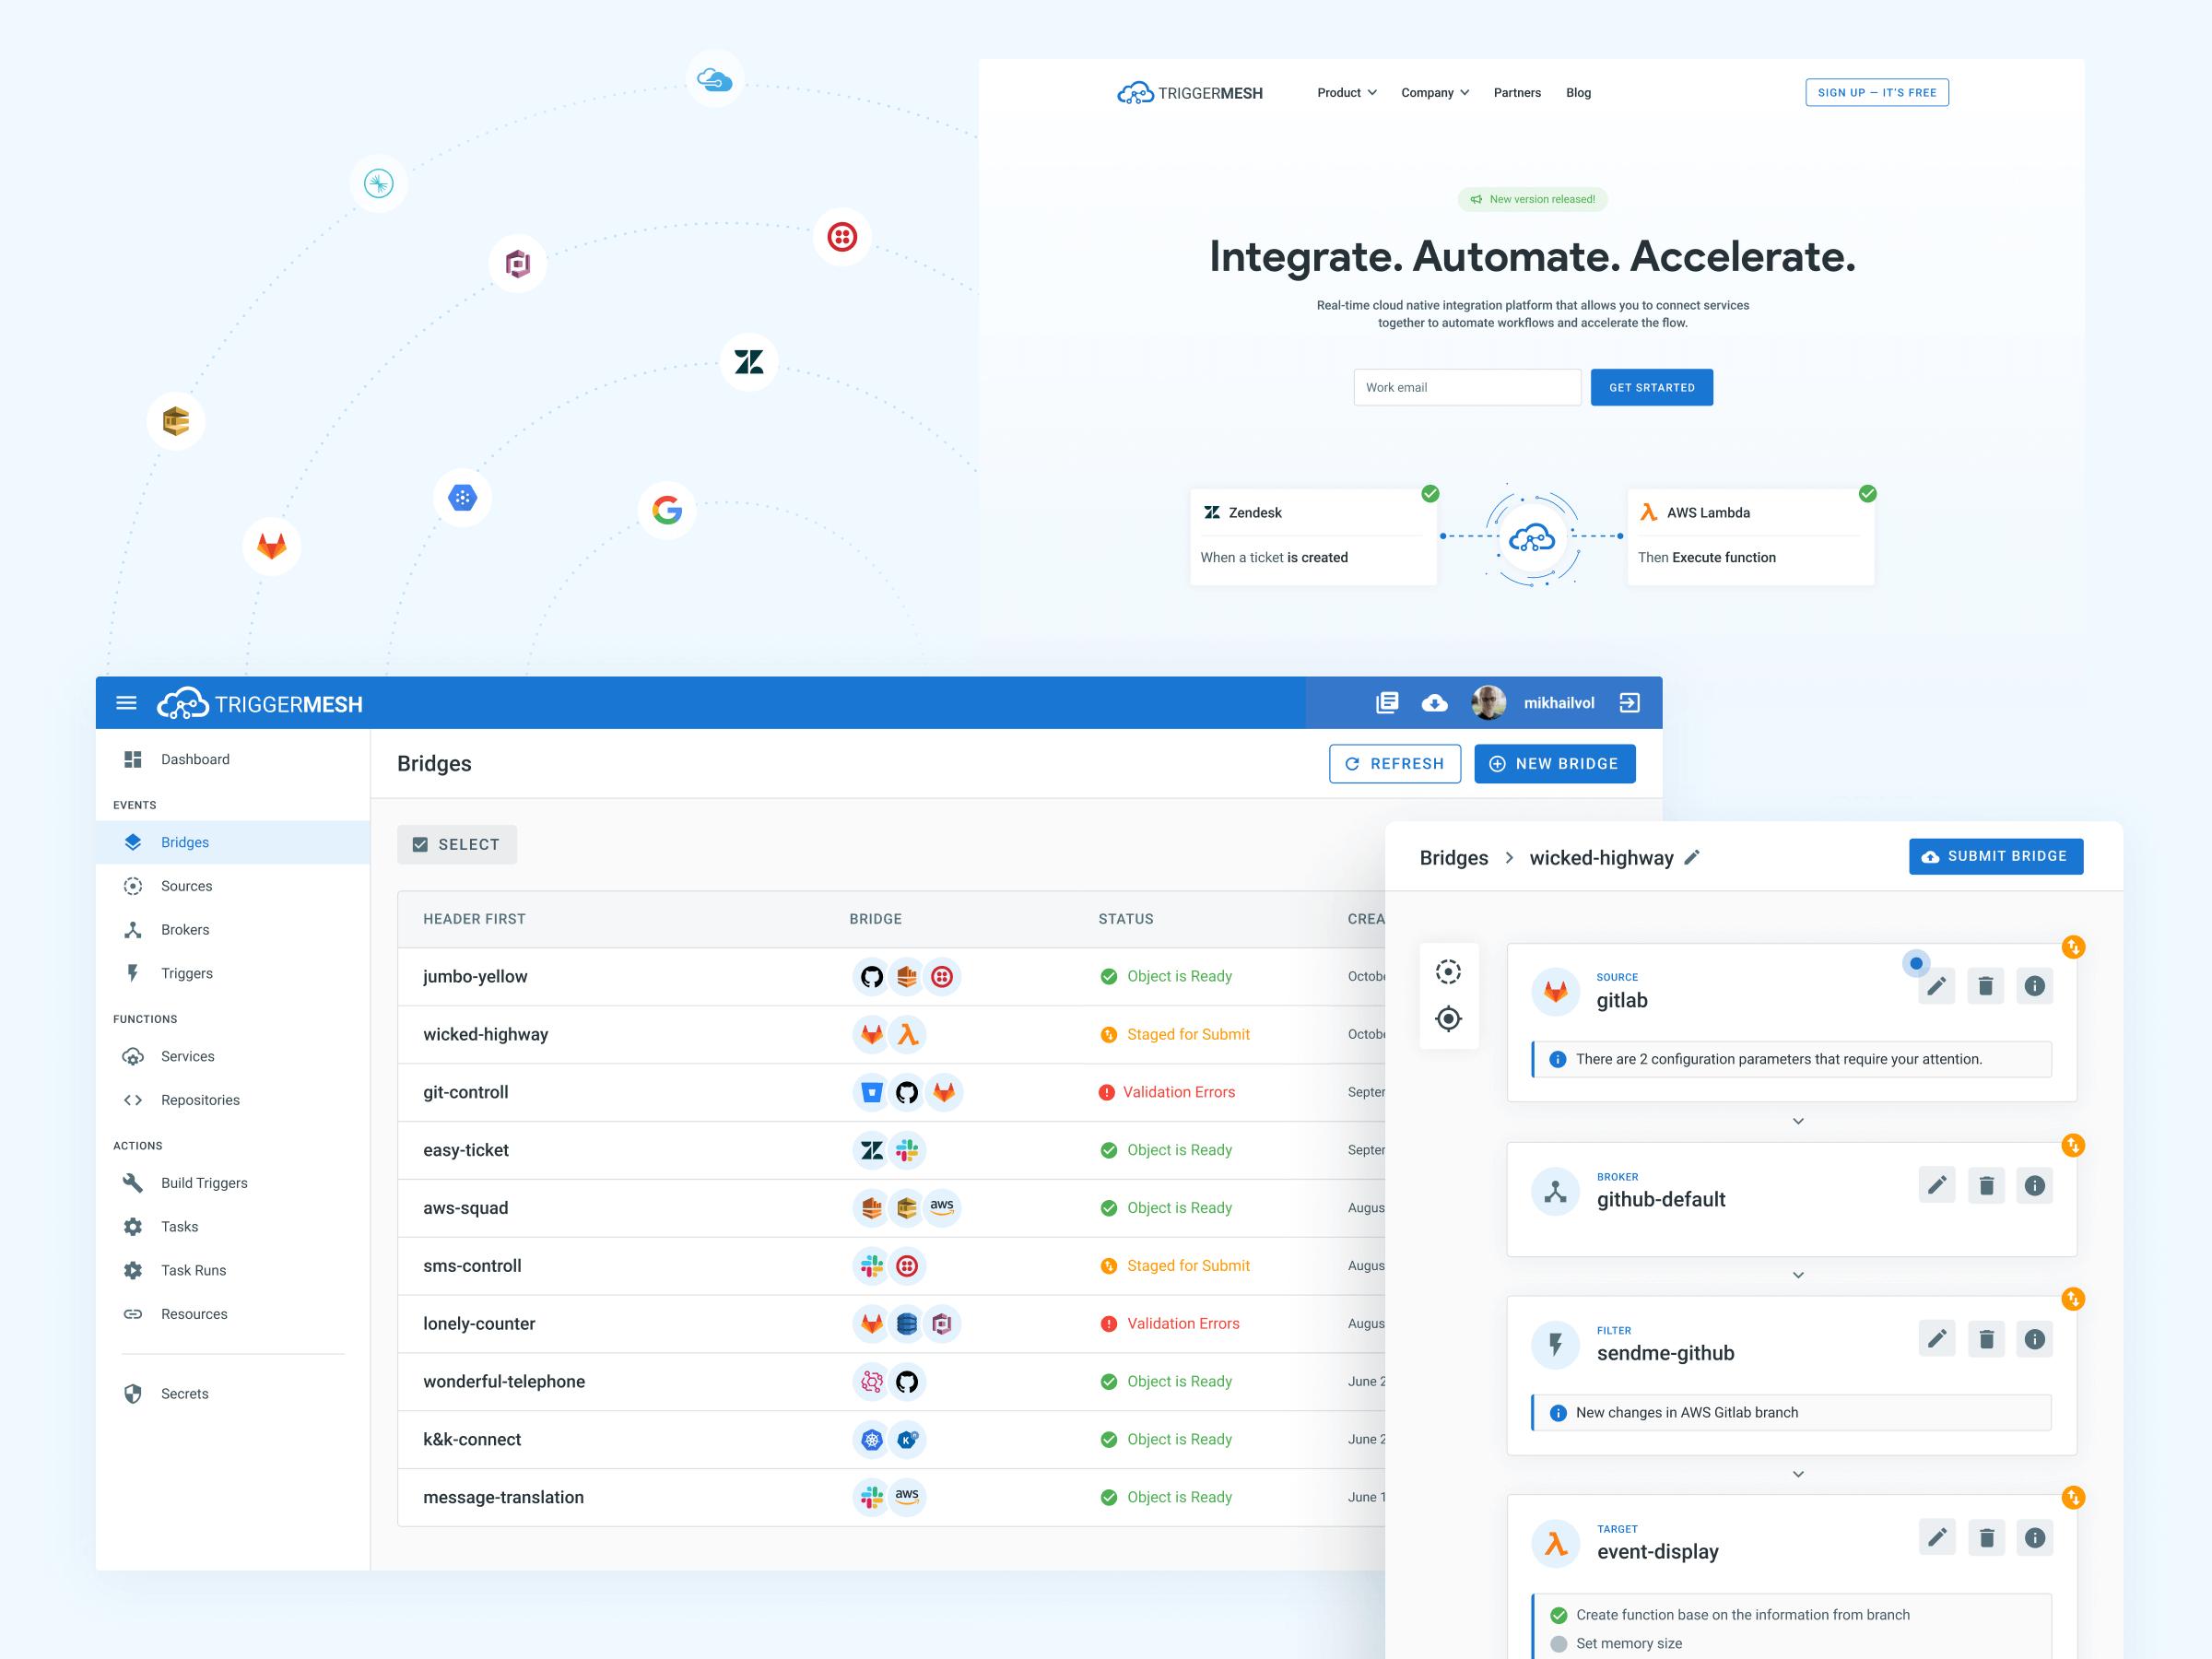 Real-time cloud native integration platform - TriggerMesh